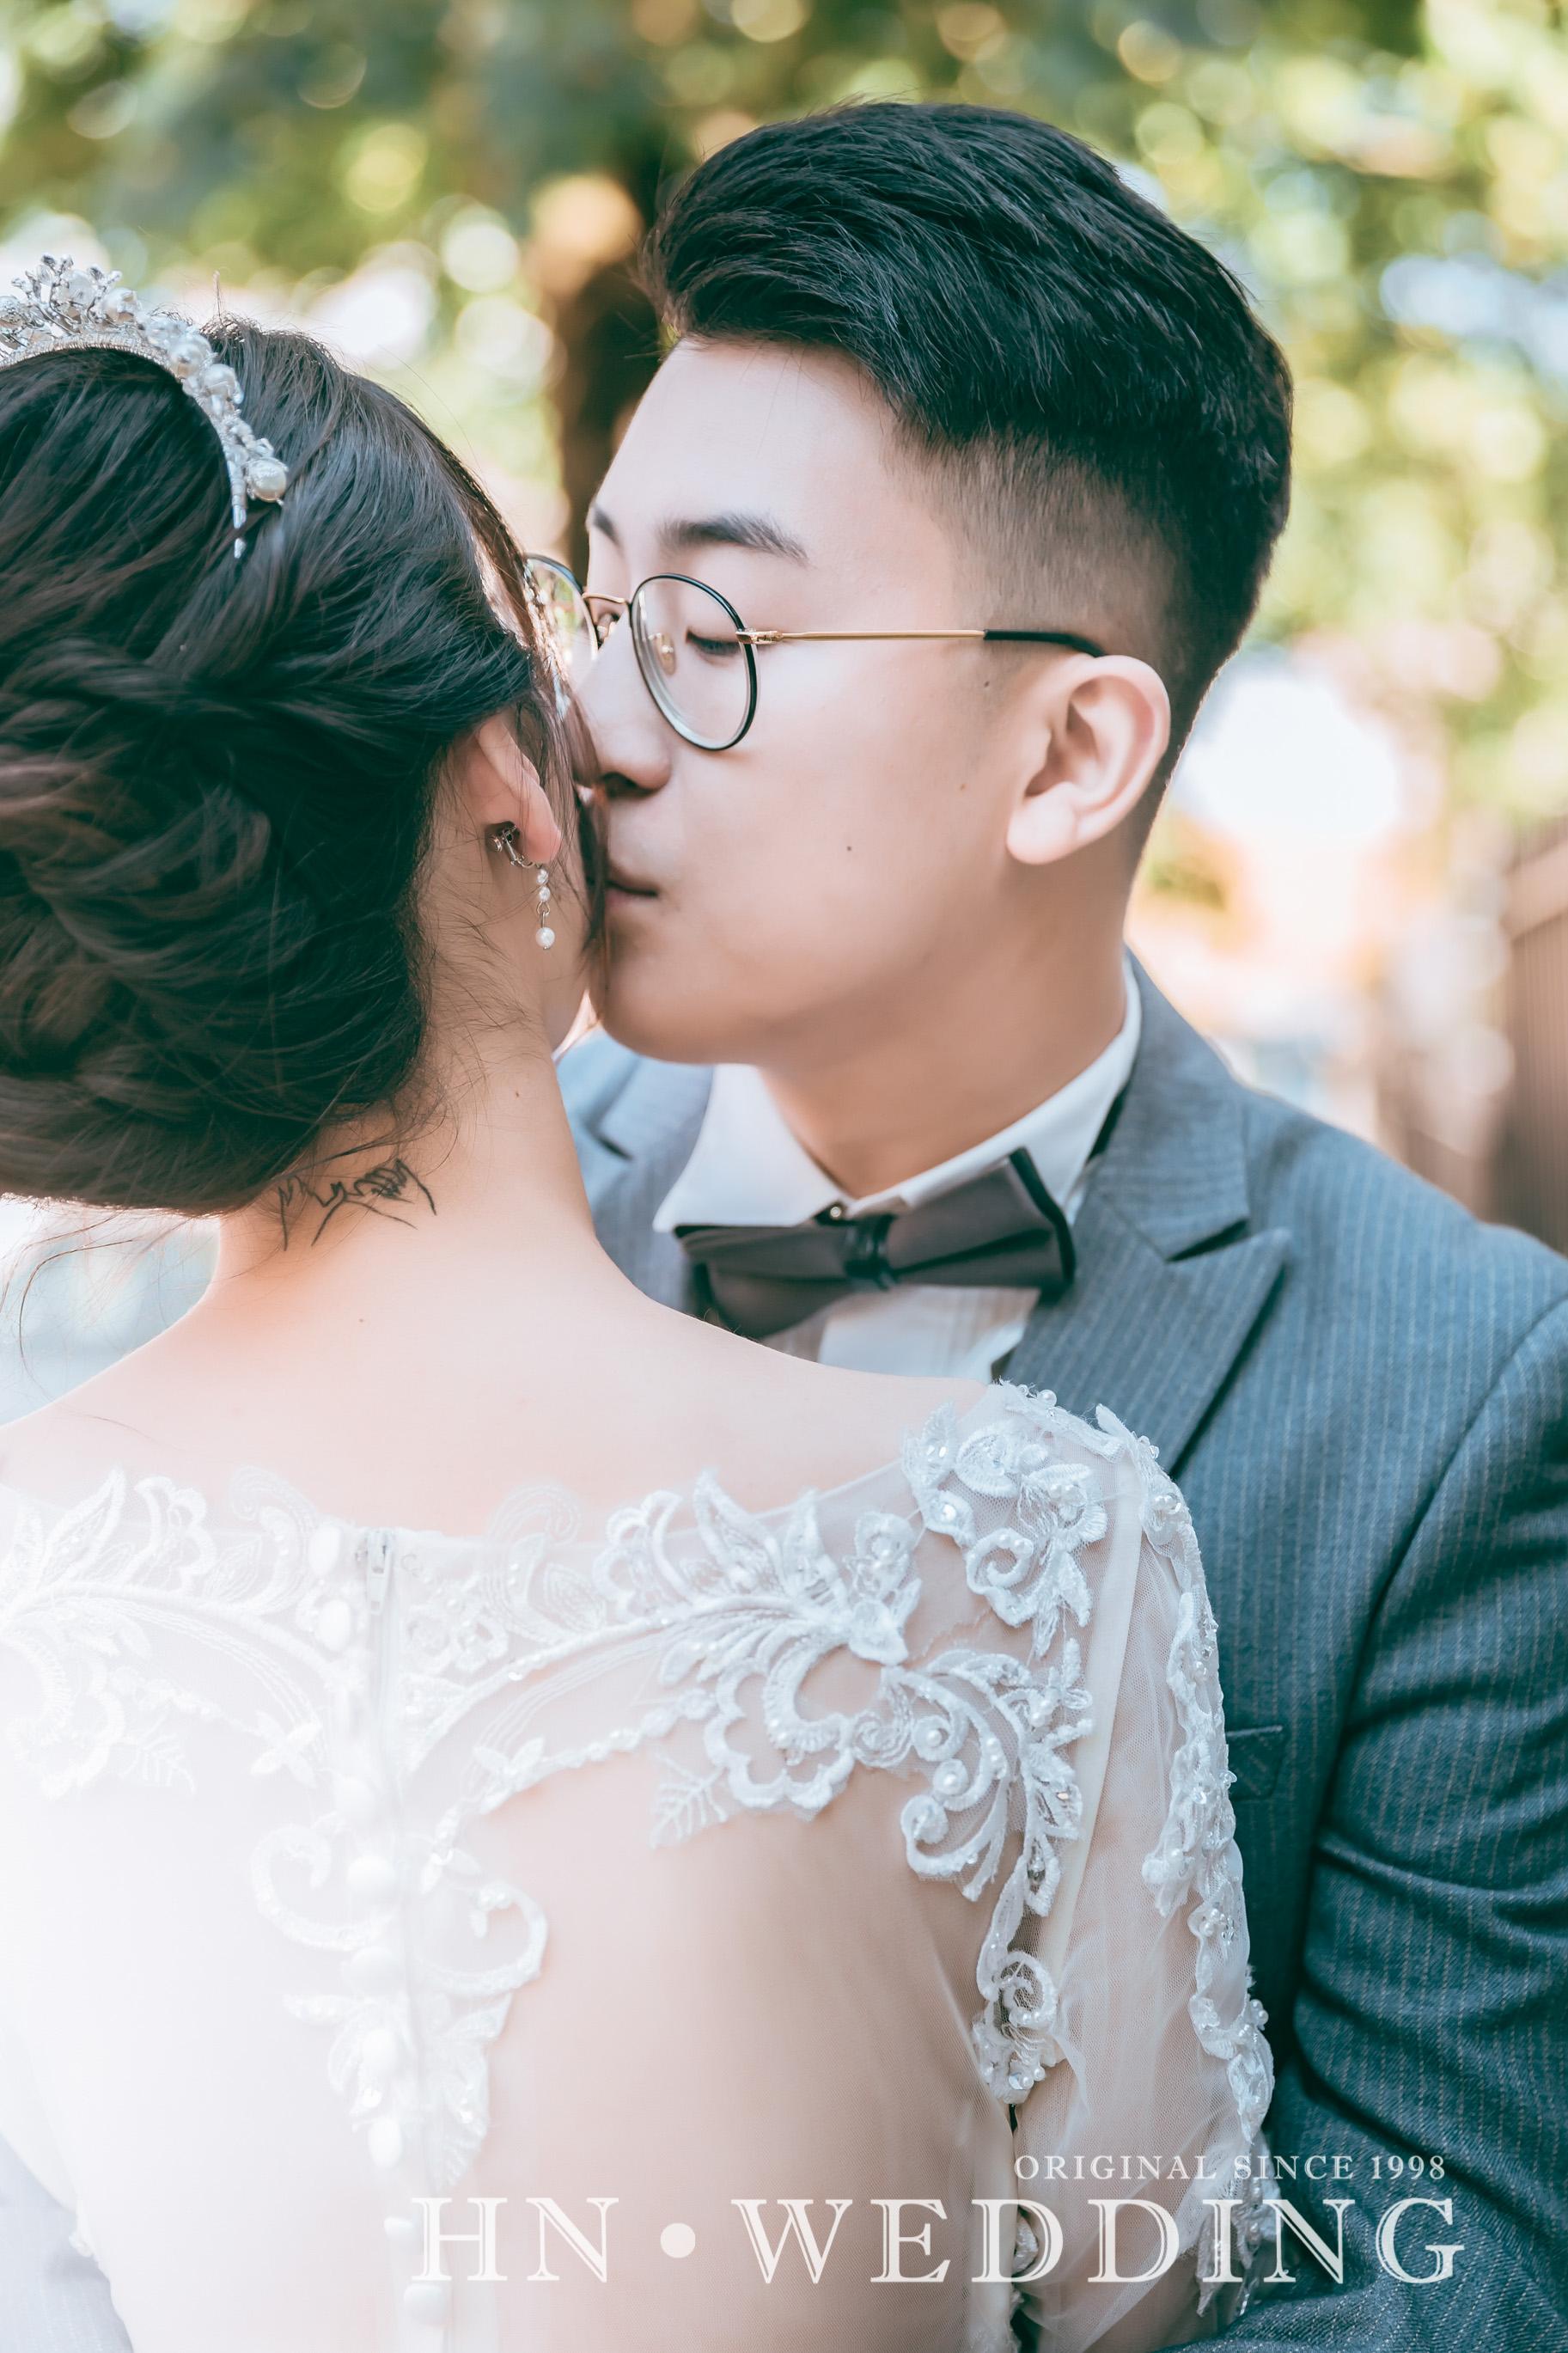 hnweddingprewedding0905--2.jpg